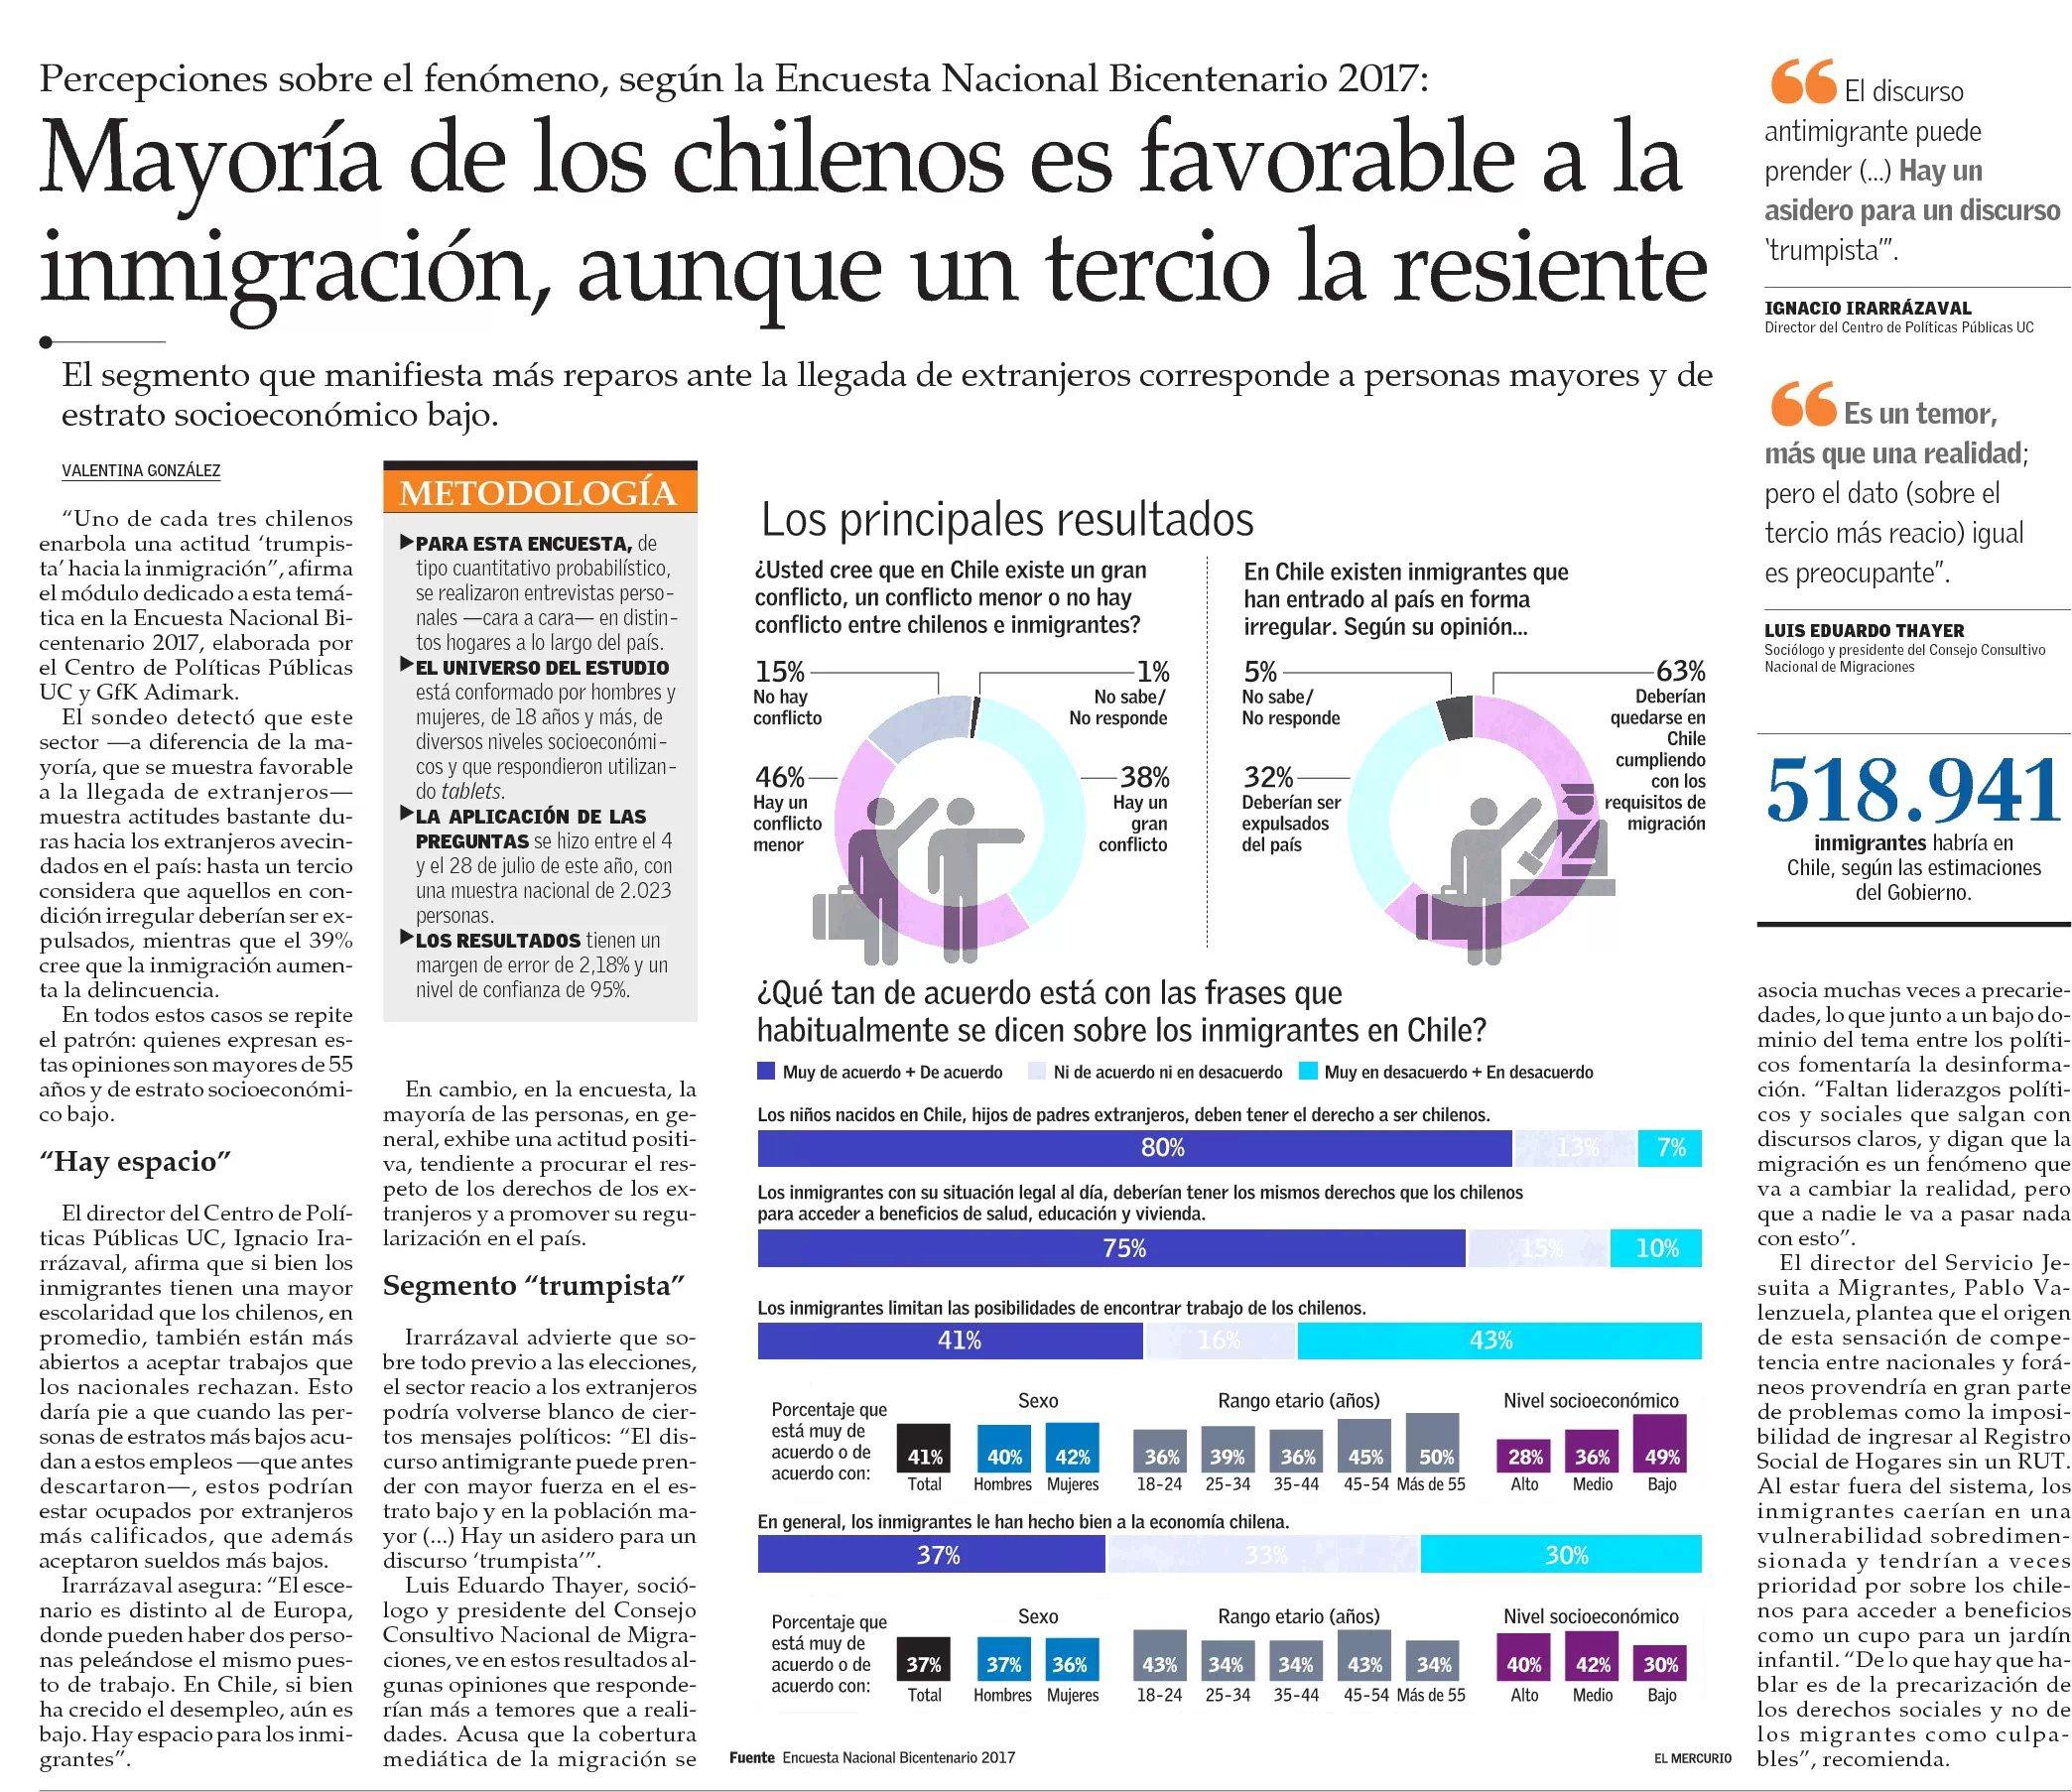 Mayoría de los chilenos es favorable a la inmigración, aunque un tercio la reciente